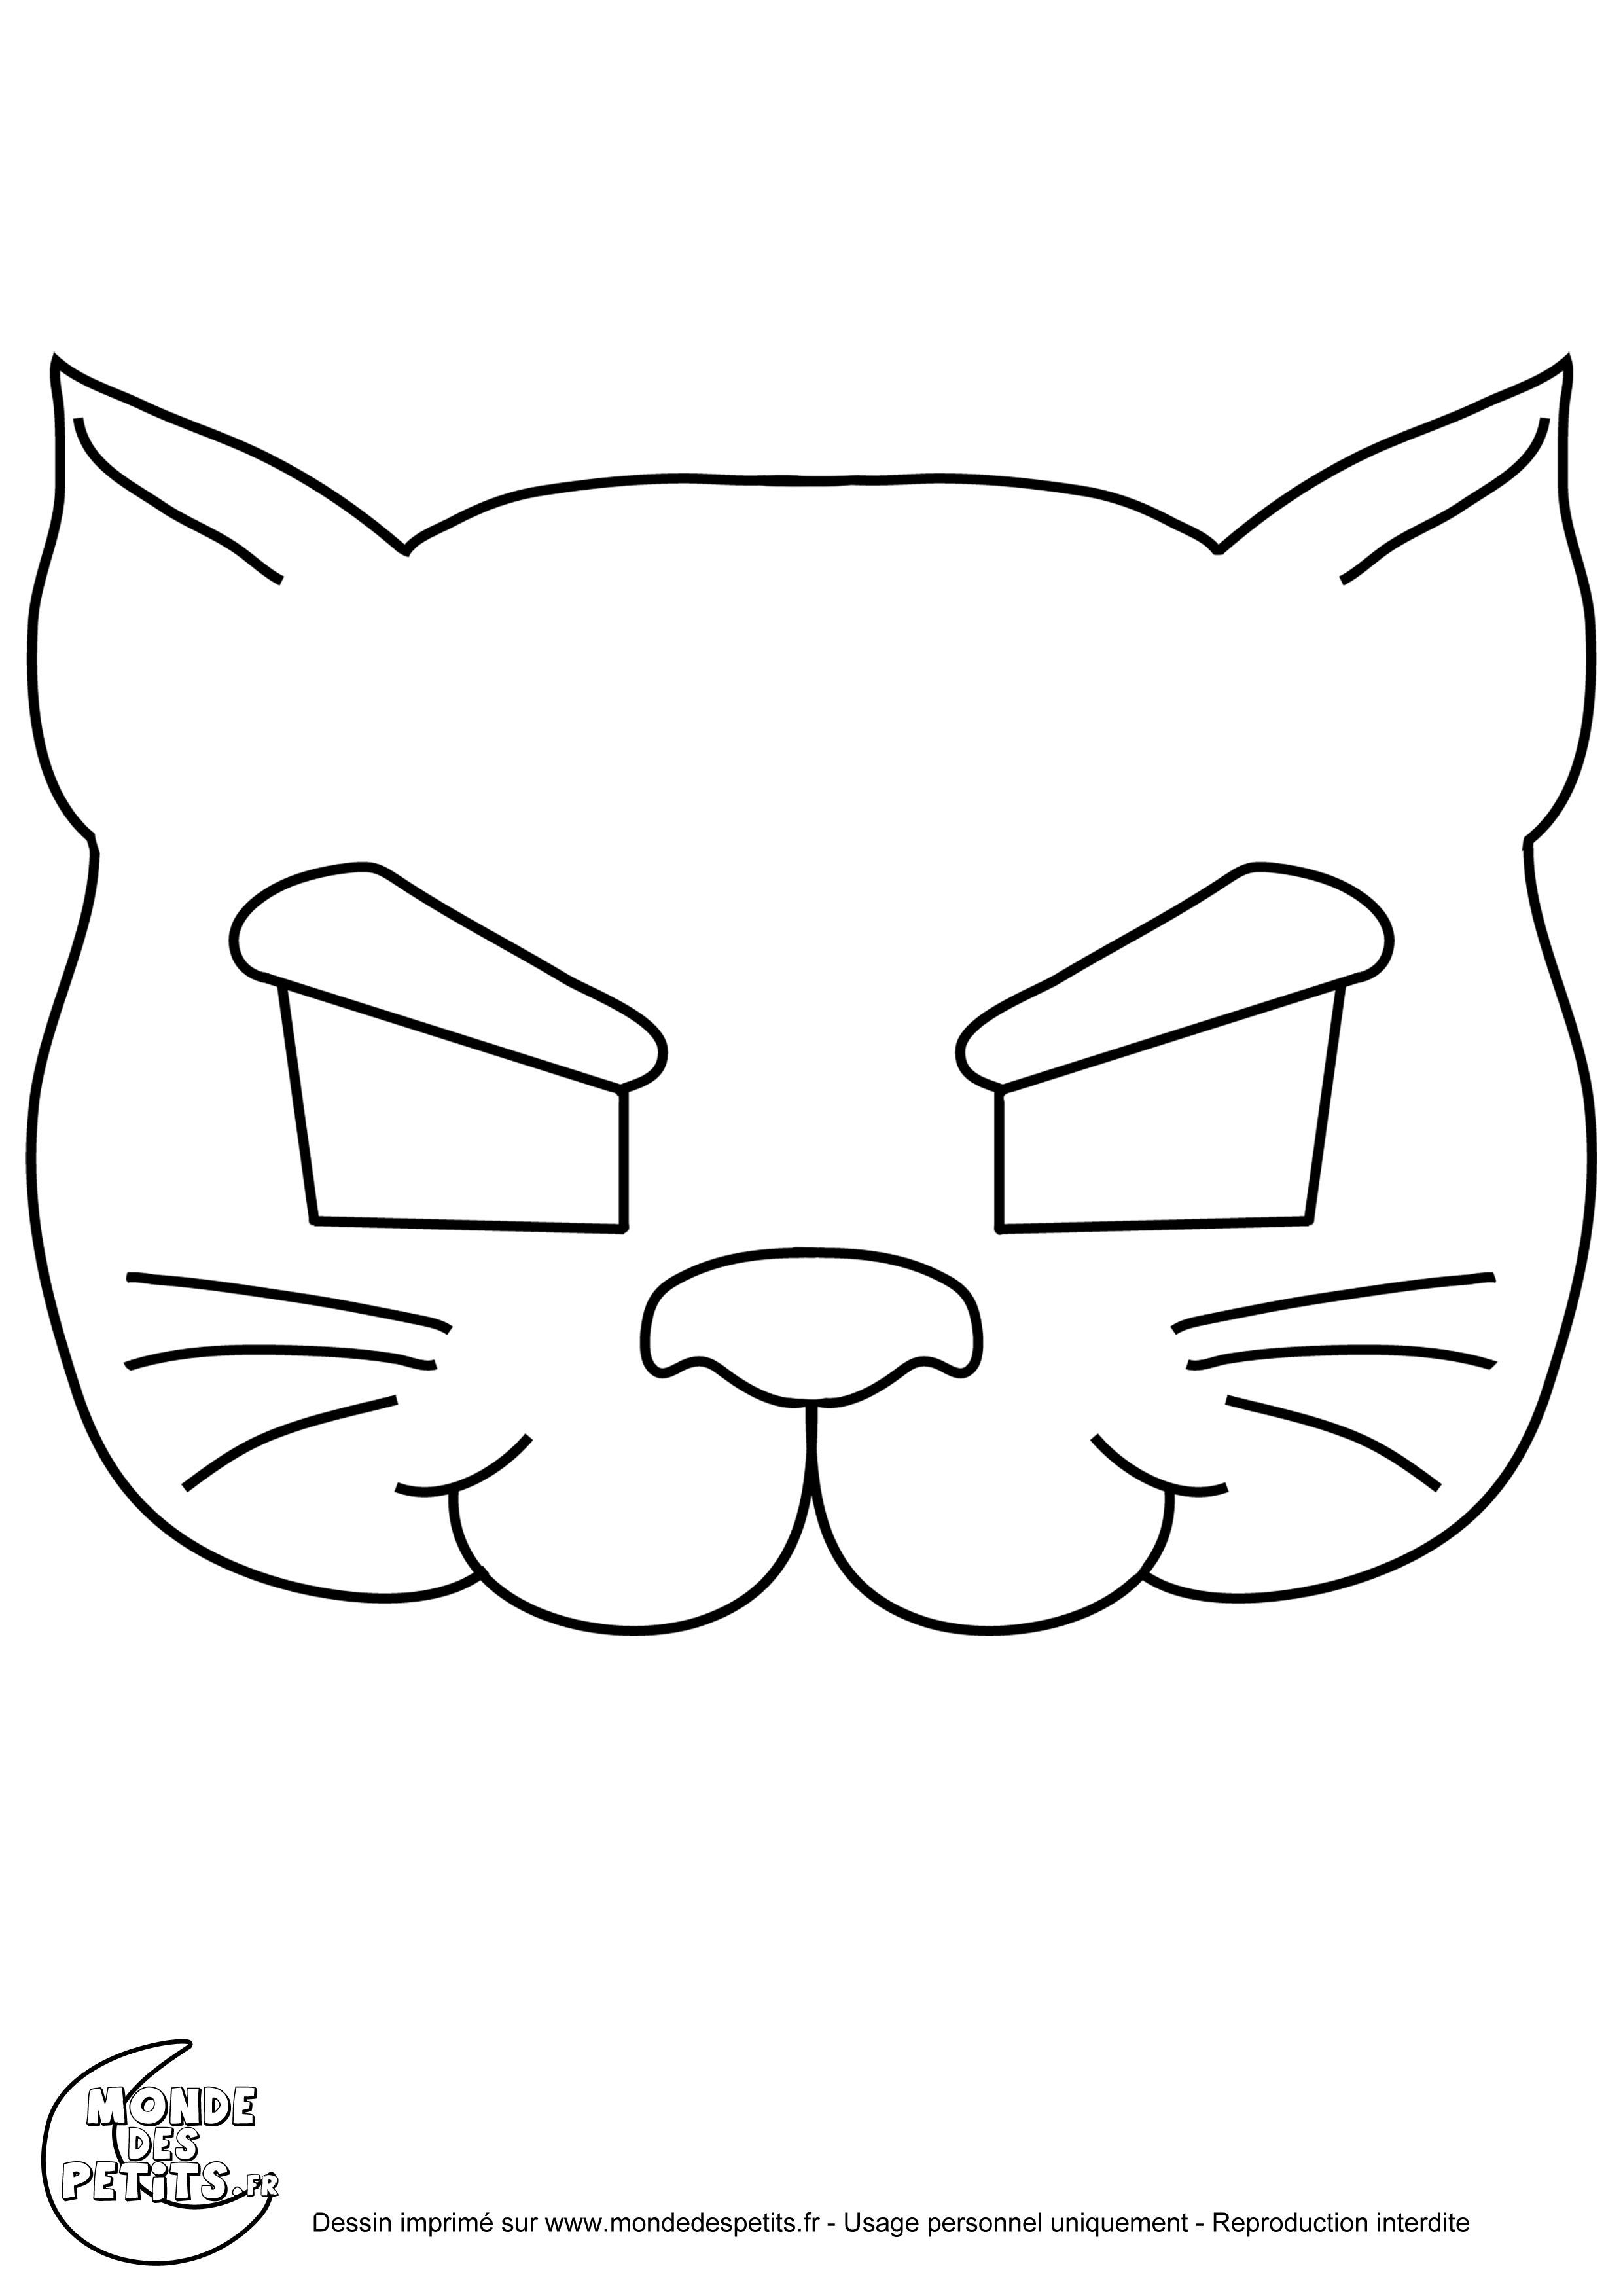 Monde des petits coloriages imprimer - Chat coloriage masque ...